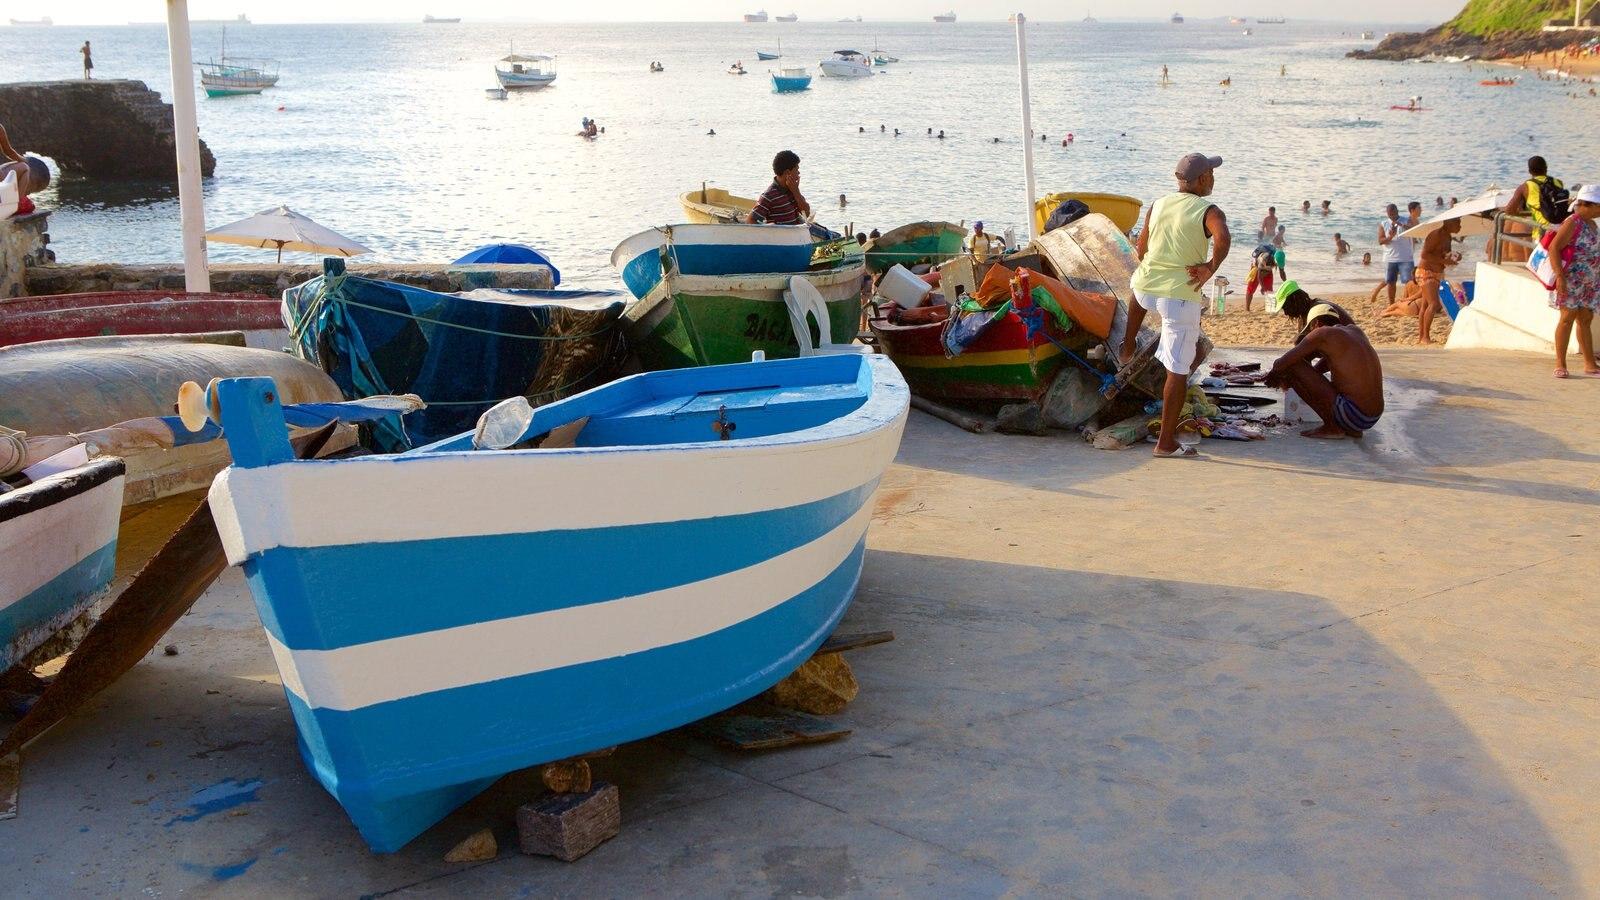 Praia do Porto da Barra caracterizando paisagens litorâneas, uma cidade litorânea e caiaque ou canoagem